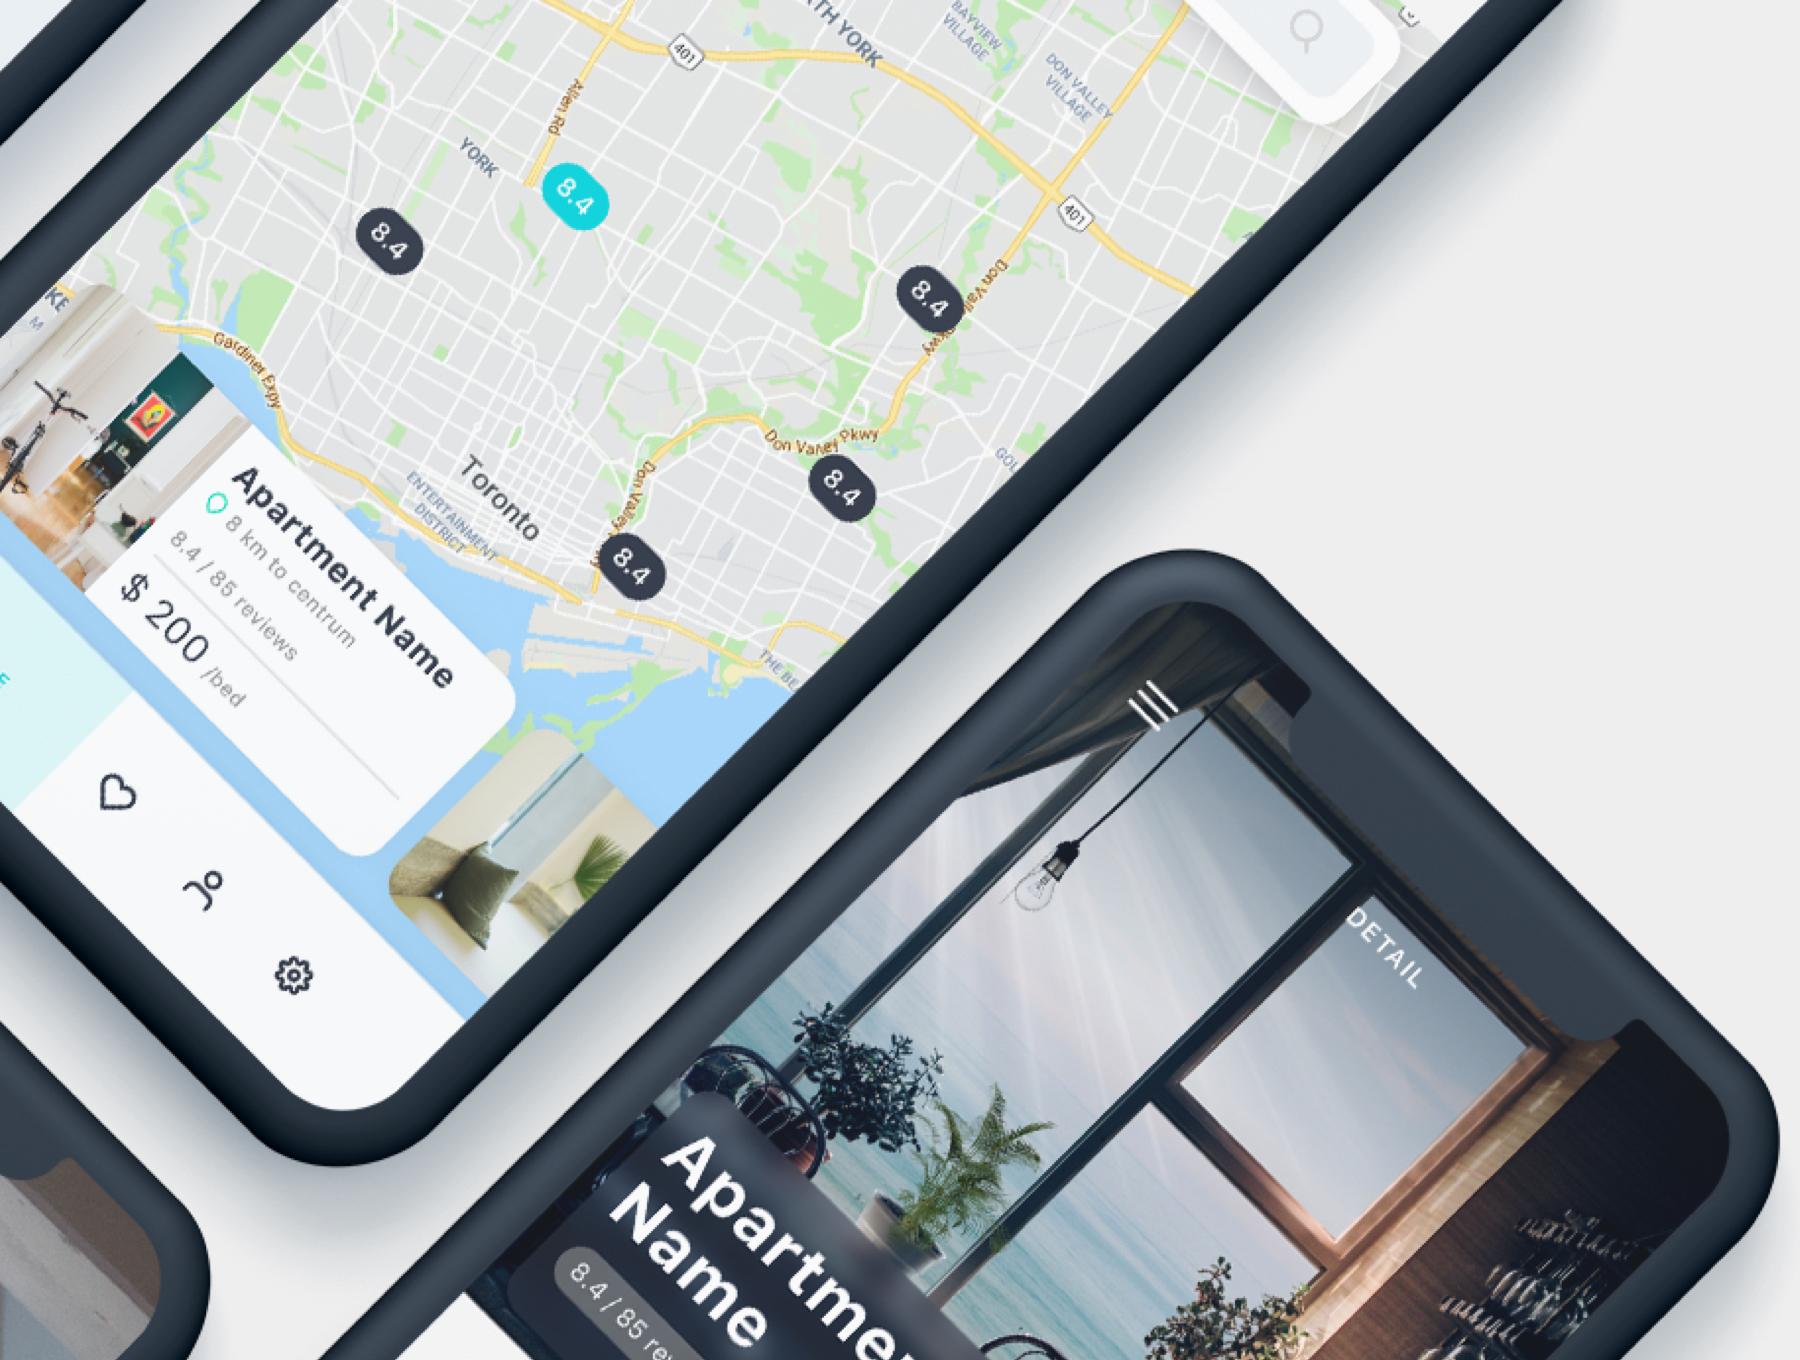 酒店预定APP应用程序UI界面设计套件 Roomate iOS UI Kit插图(7)